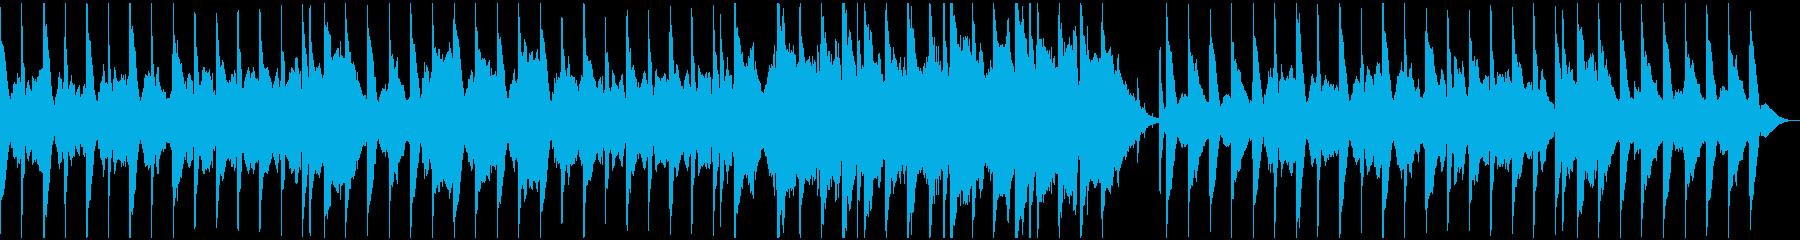 和風まったり感動バラードの再生済みの波形